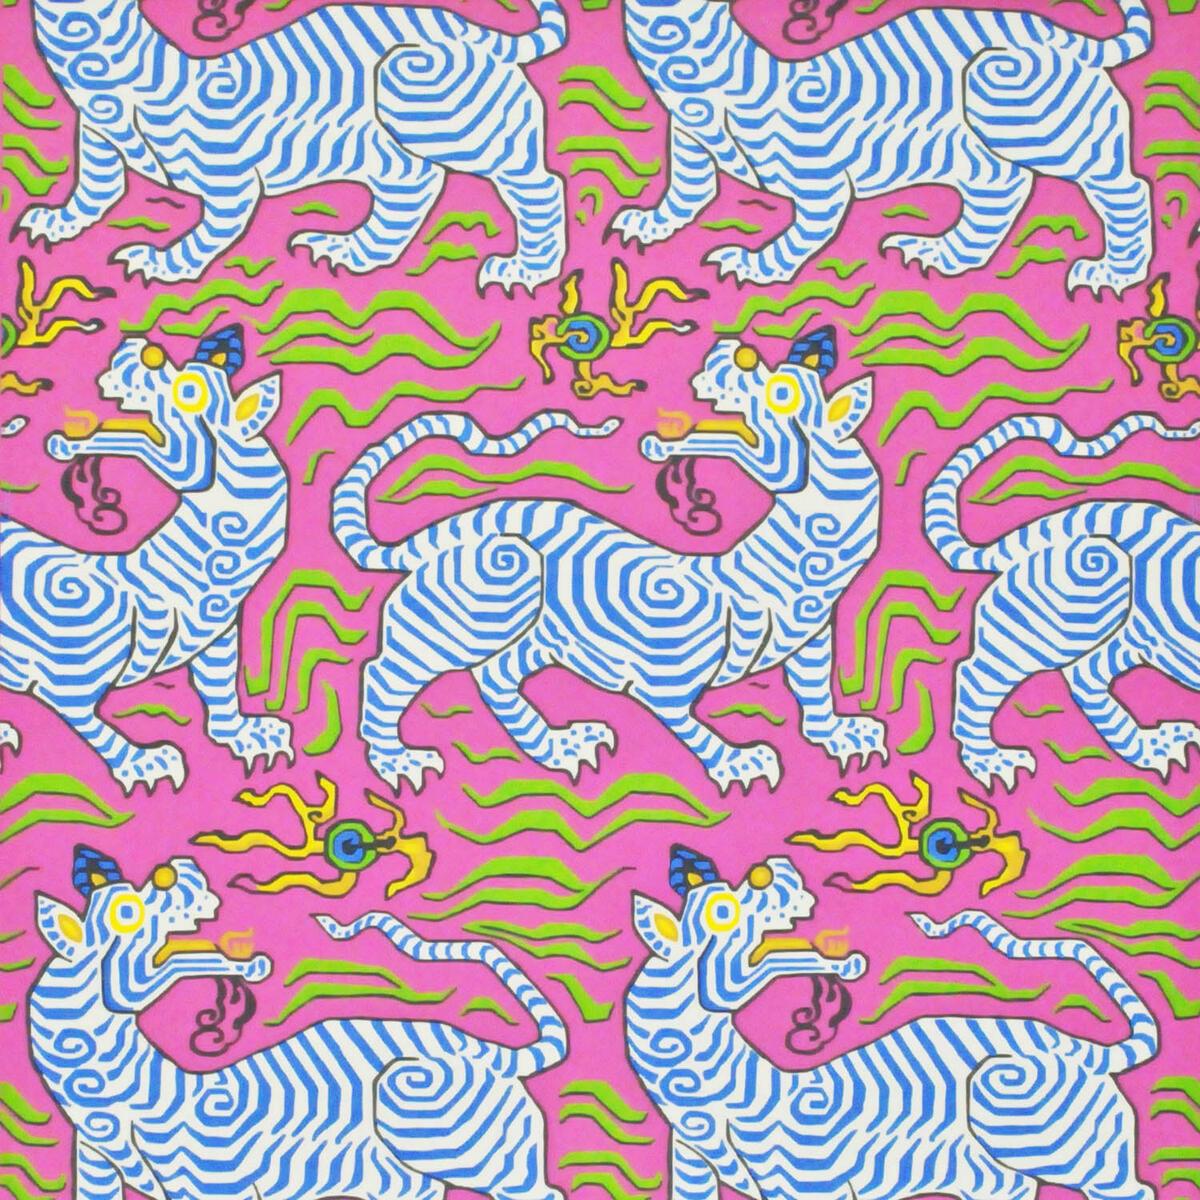 Tibet Wallpaper Hot Pink